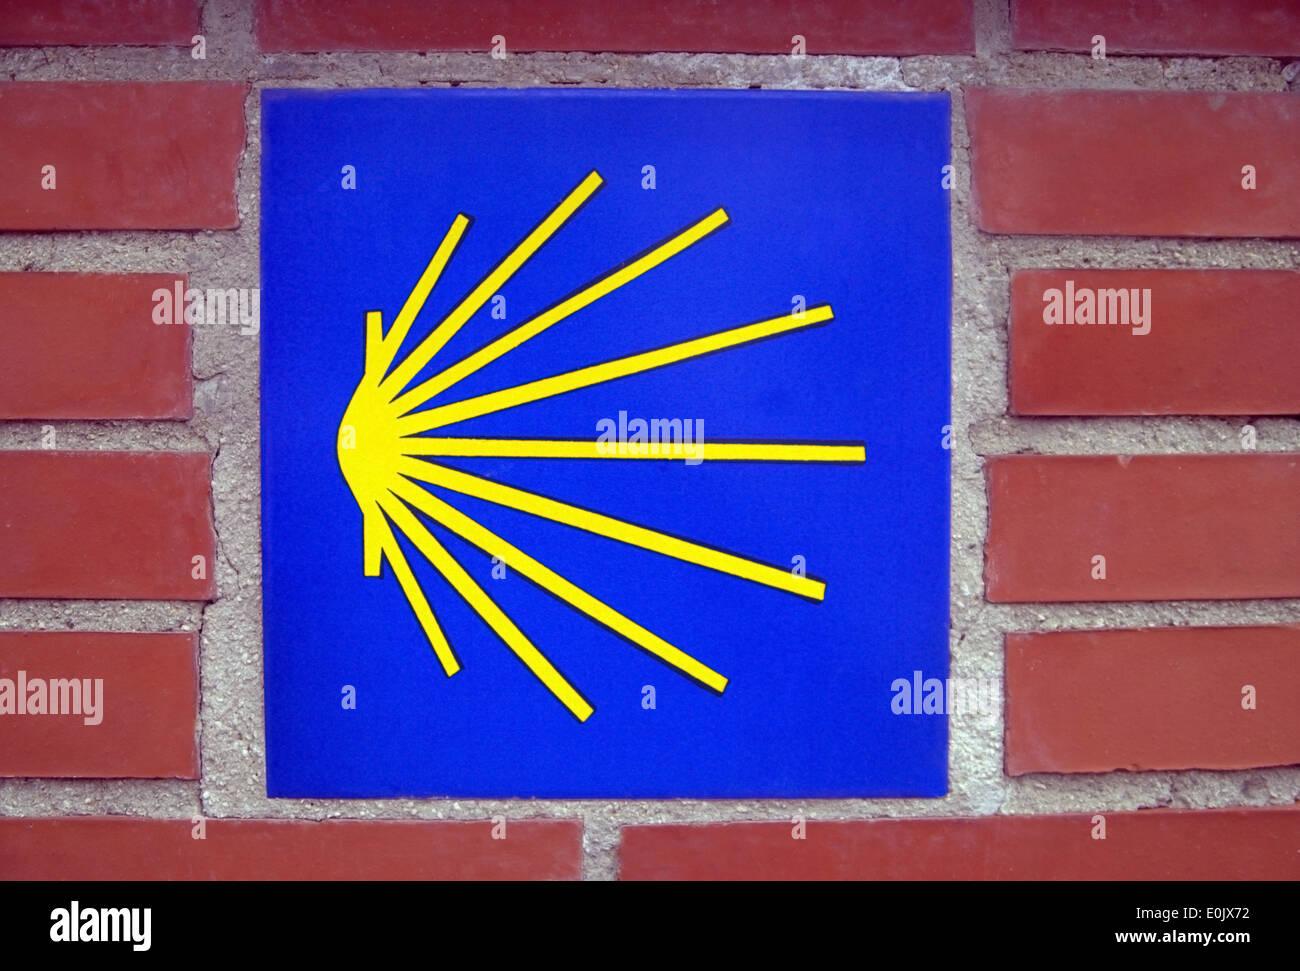 El Camino De Santiago Shell way sign, Spain - Stock Image